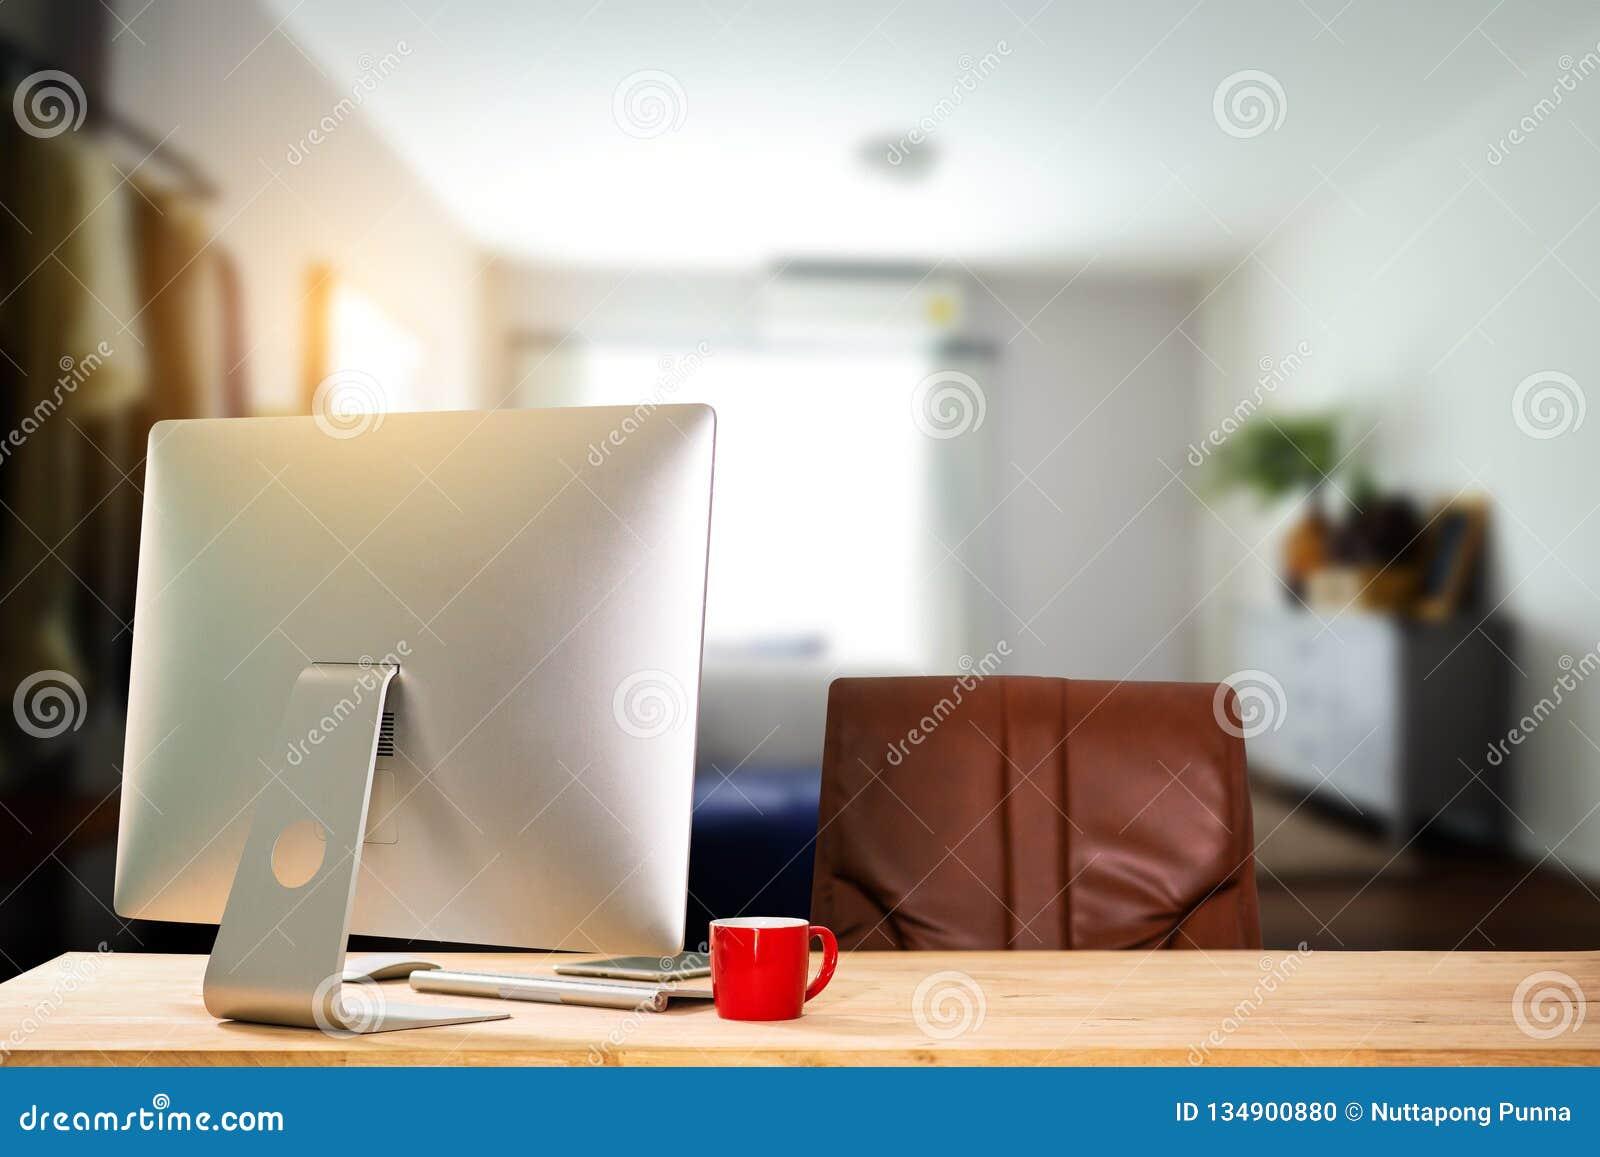 Area di lavoro di vista frontale con il computer,